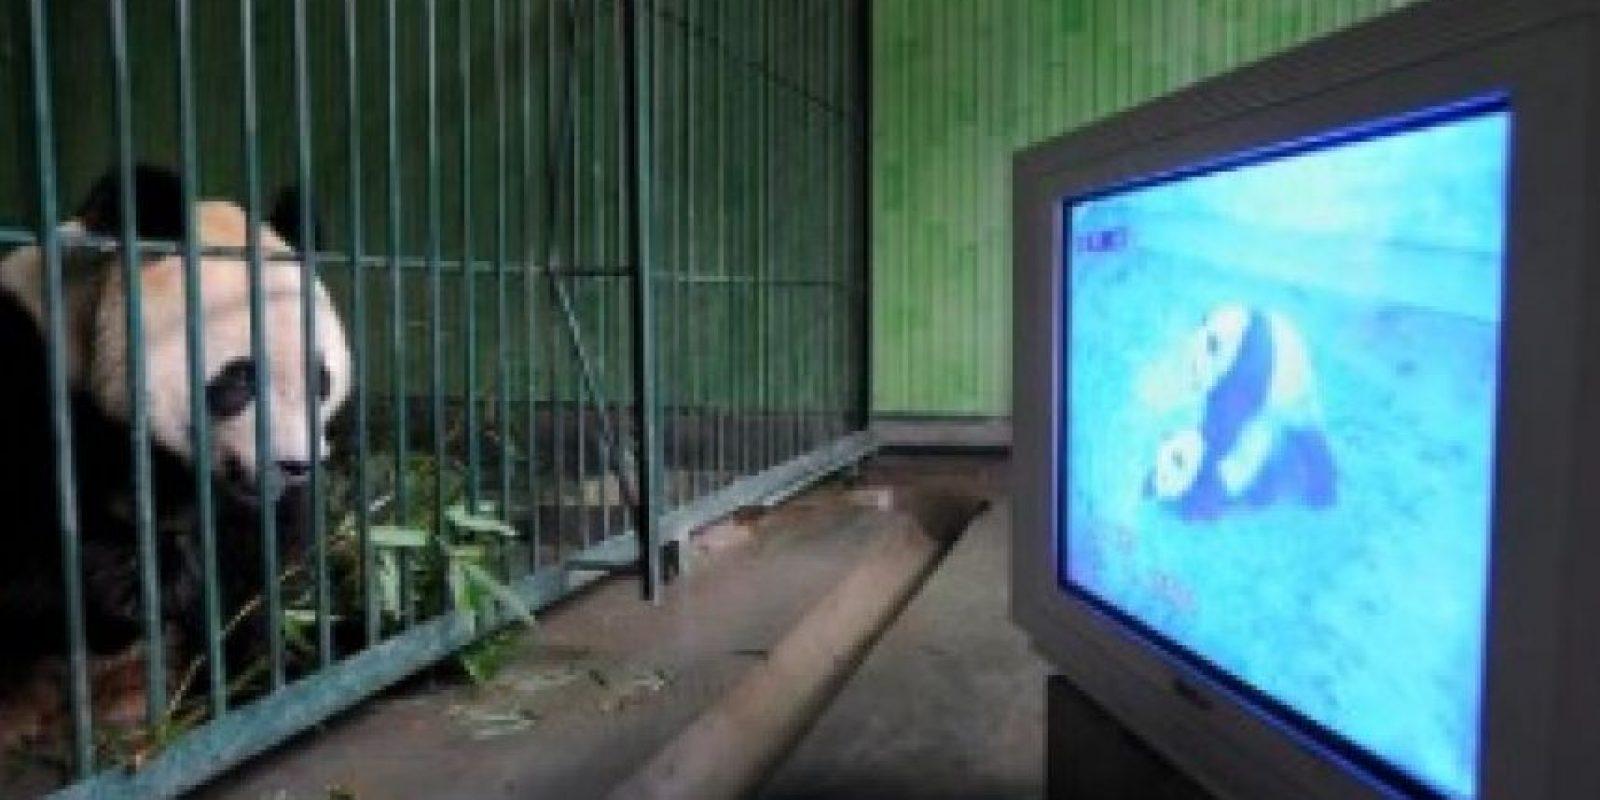 Panda informándose más respecto a su especie Foto:PandaNewsorg